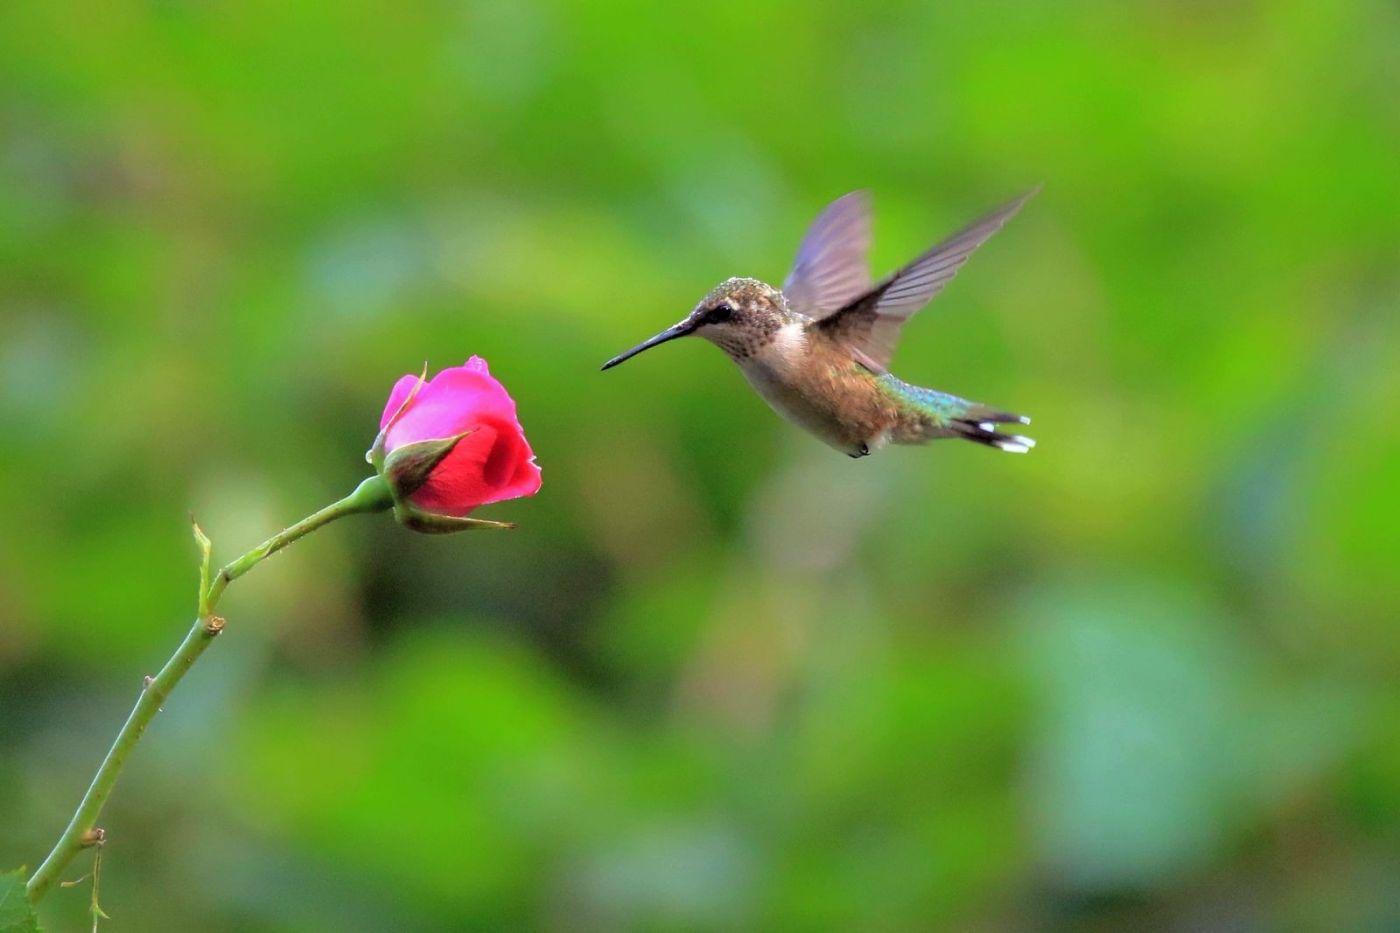 凯辛娜公园拍的蜂鸟_图1-4